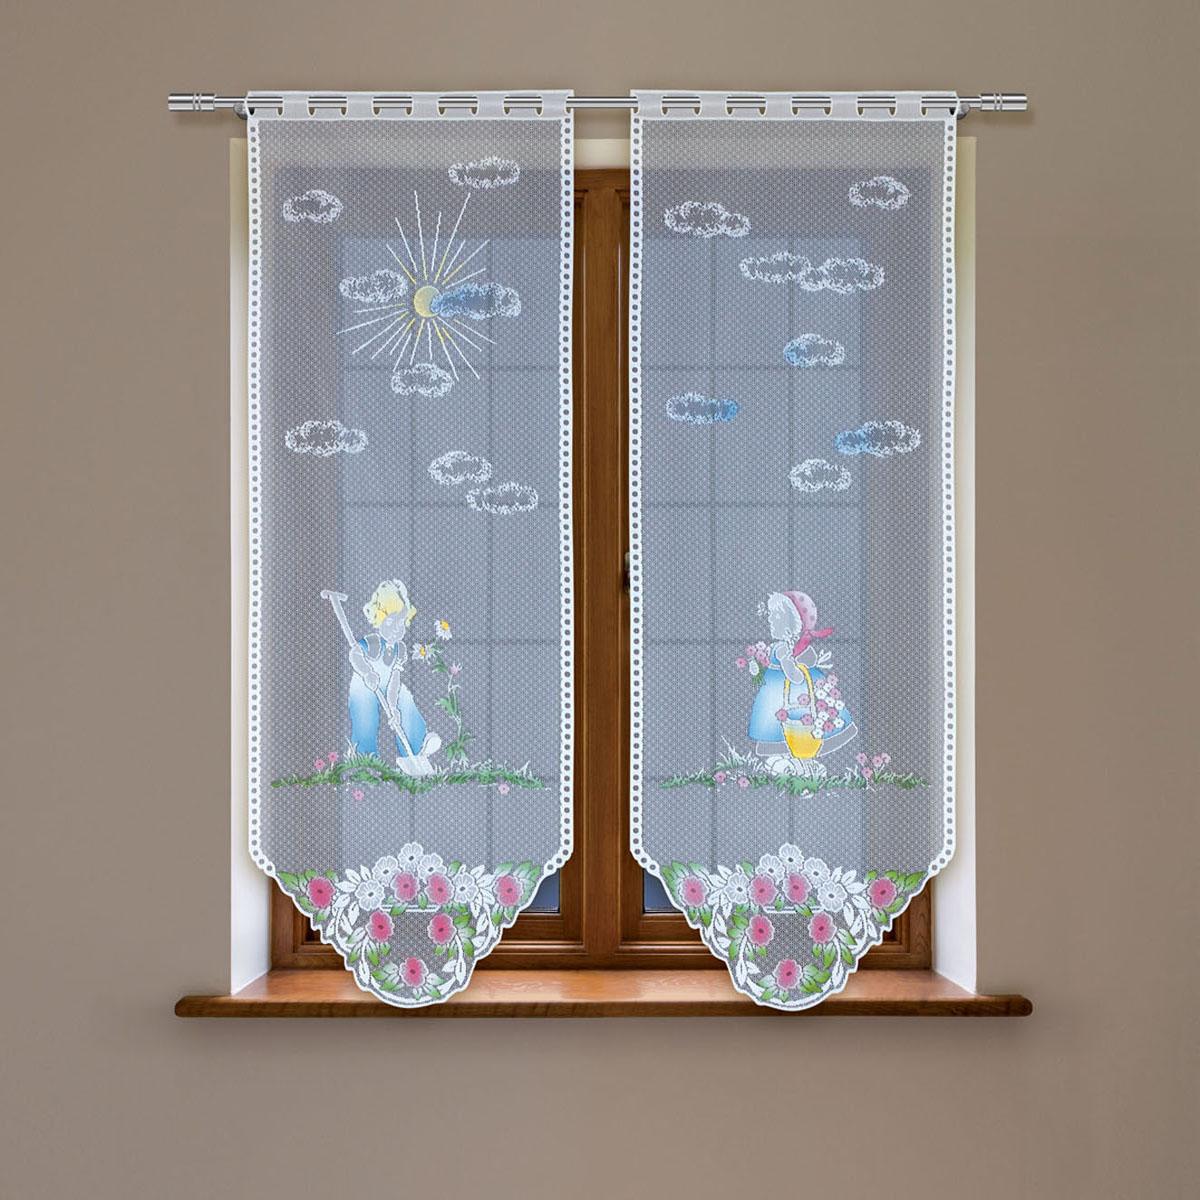 Гардина Haft, цвет: белый, высота 160 см. 4244С/604244С/60Гардина имеет в верхней части полотна прорези, через которые гардина-витраж вывешивается на карниз или можно крепить на зажим для штор,котрый в комплект не входит.Комплект состоит из двух полотен (выс.160* шир.60) Размеры: (высота 160* ширина 60)*2